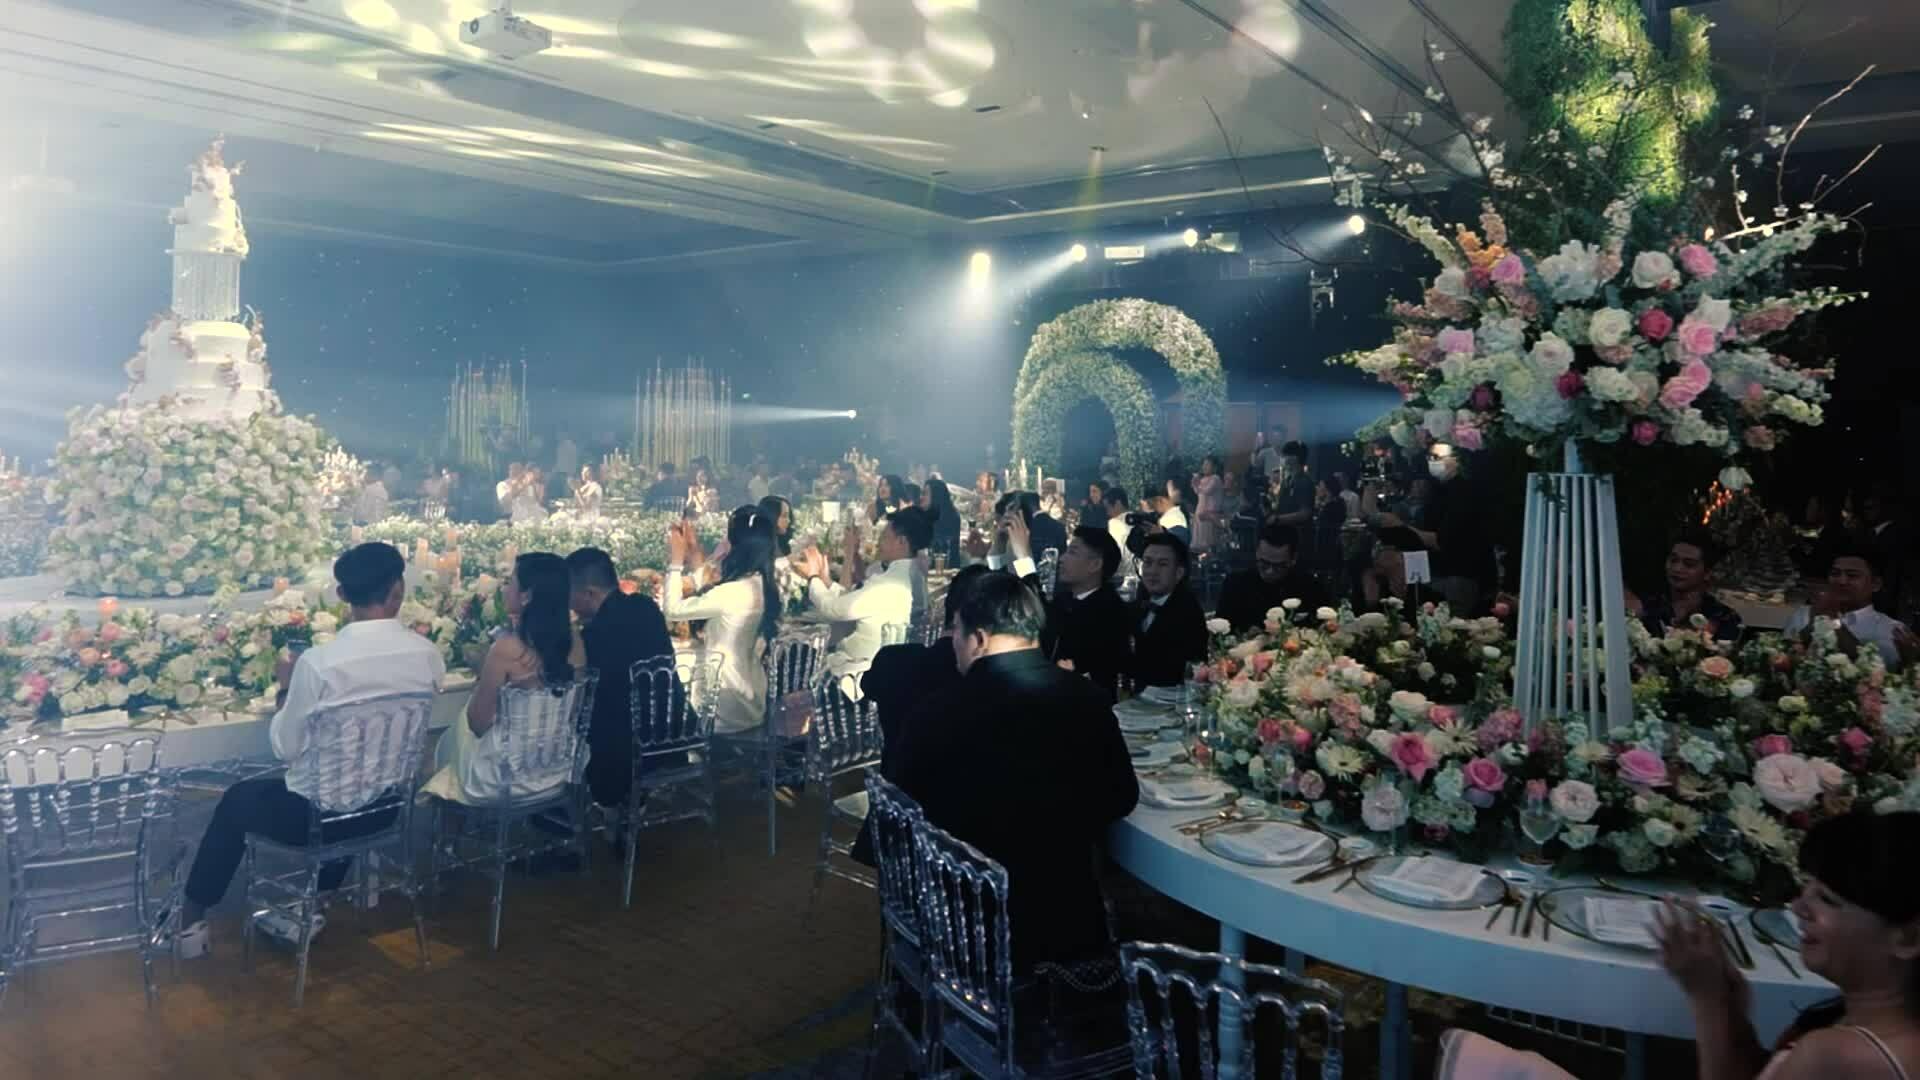 Tiệc cưới của đạo diễn sân khấu Nguyễn Hiếu Tâm